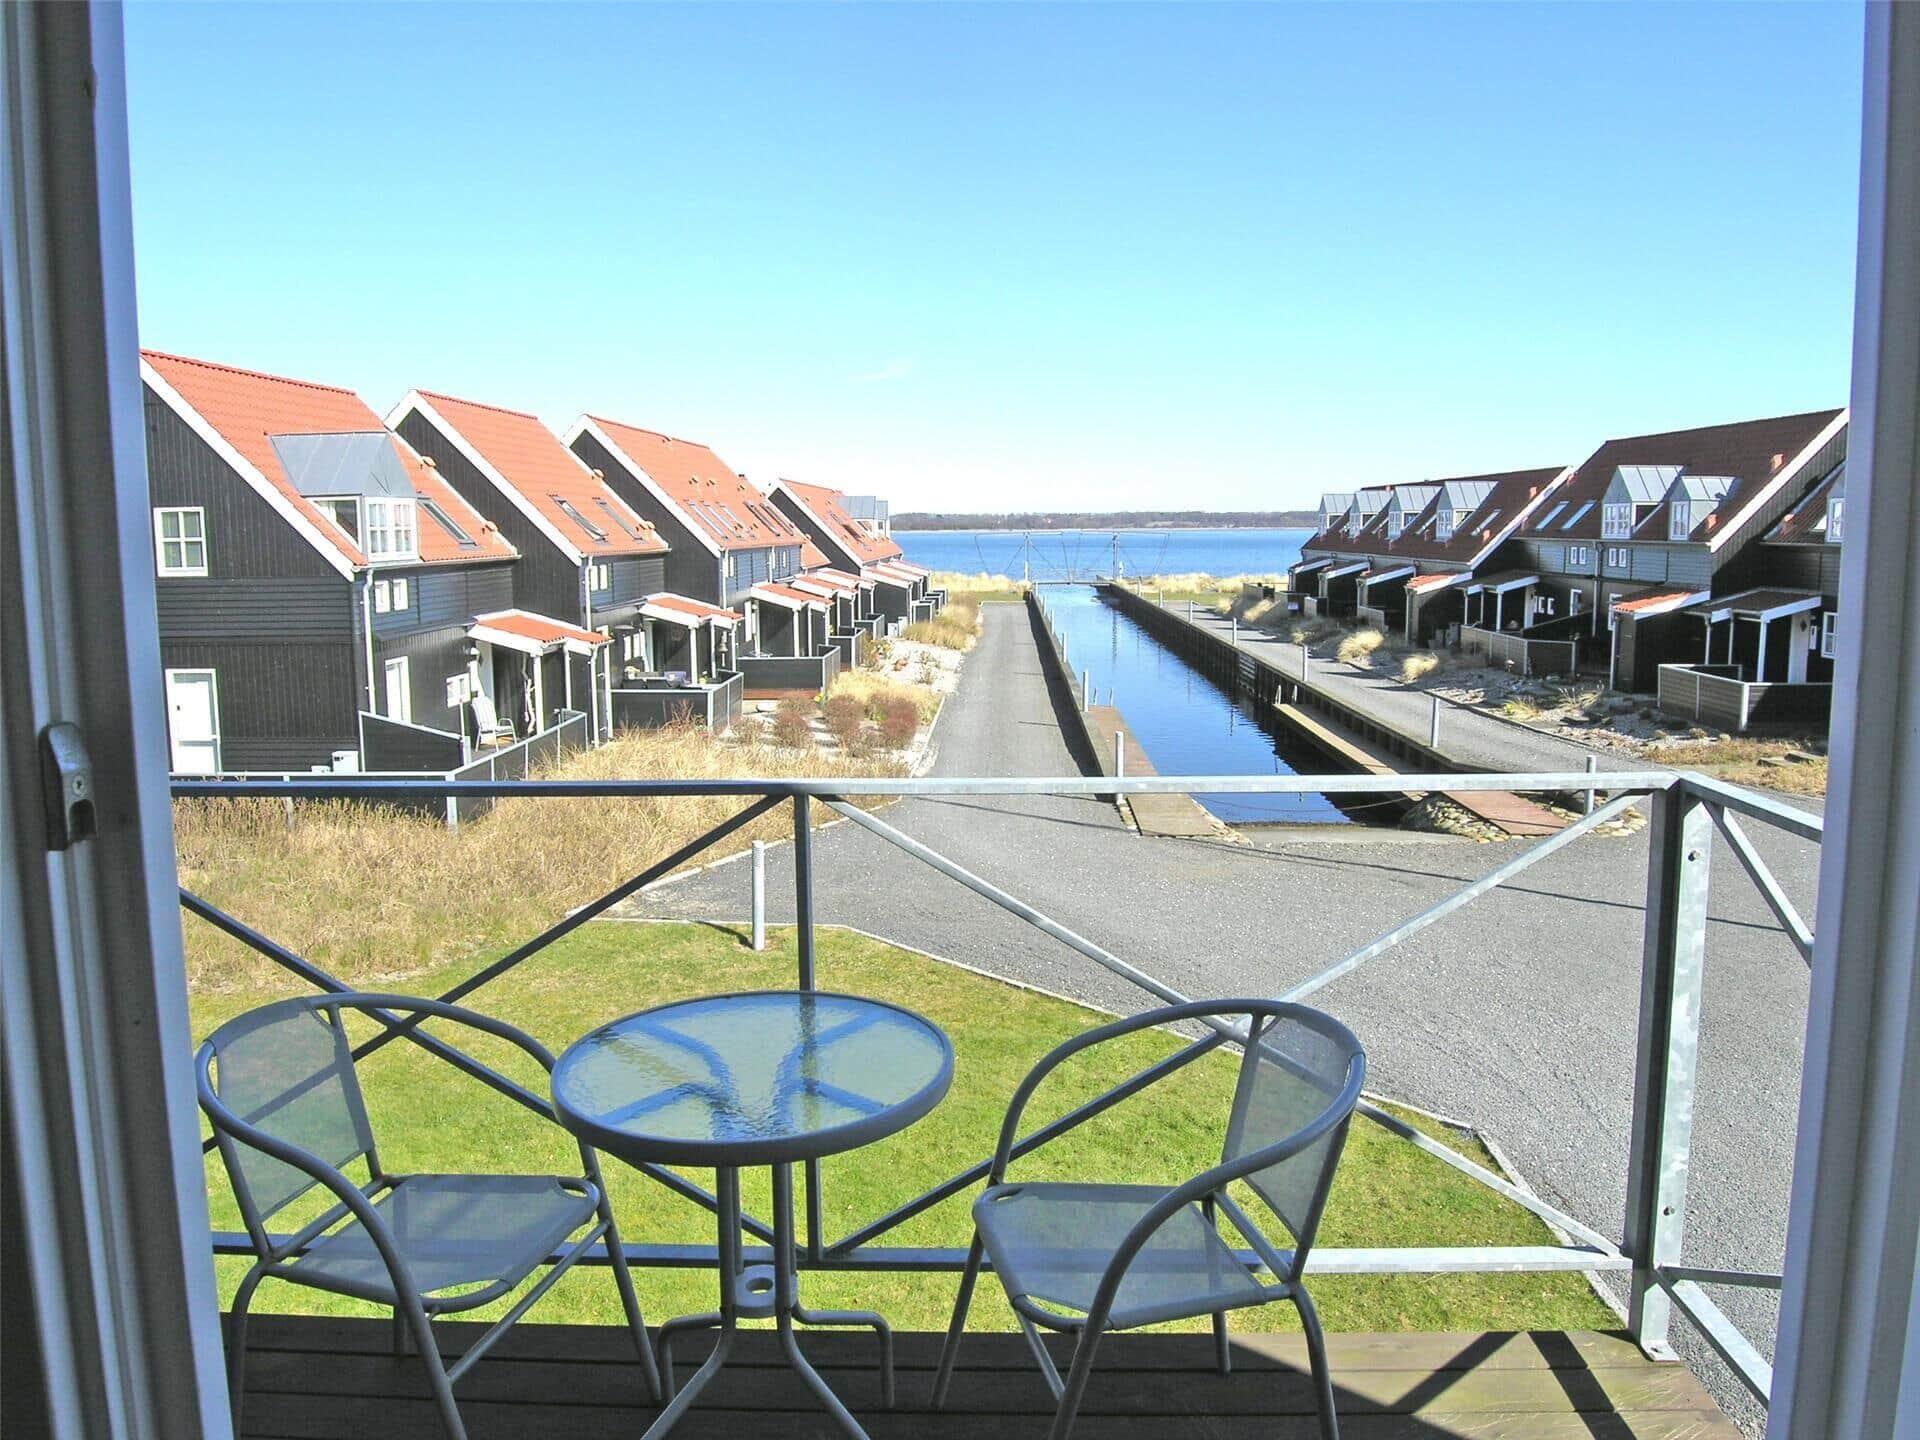 Billede 1-19 Sommerhus 40119, Strandengen 81, DK - 7130 Juelsminde